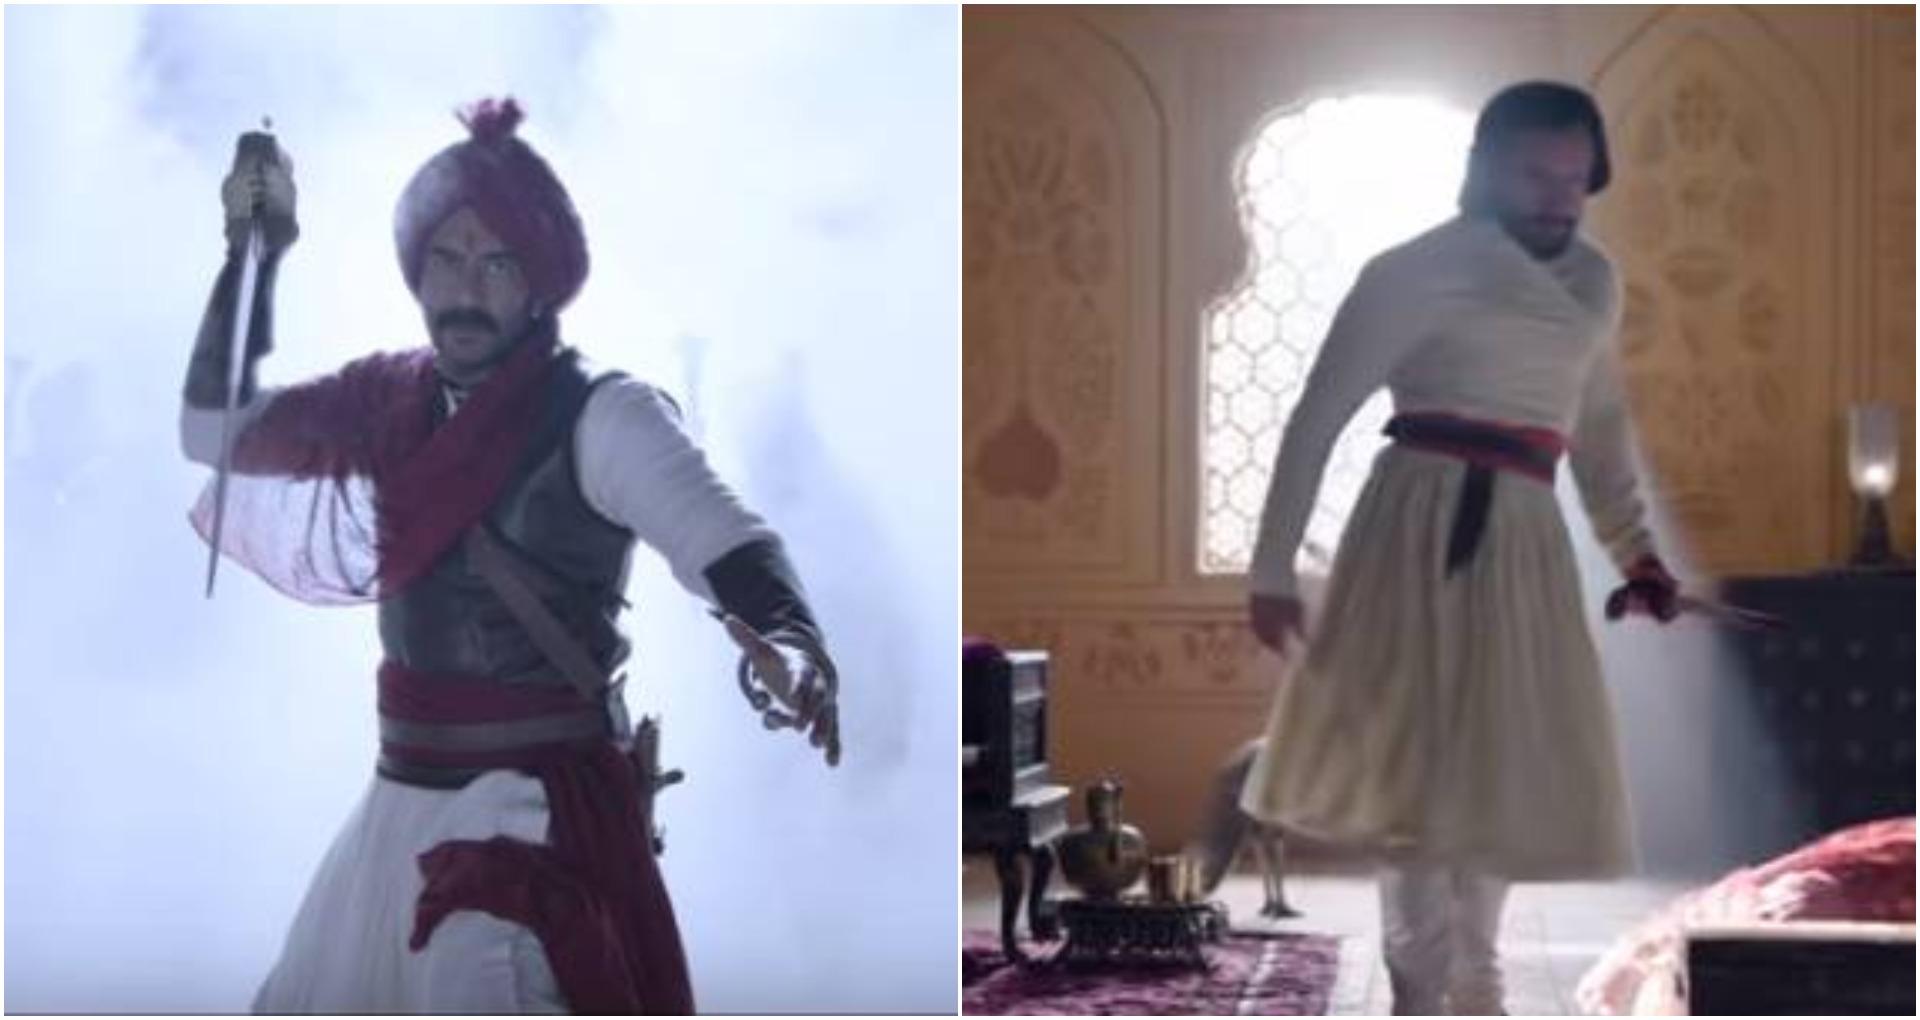 तानाजी द अनसंग वॉरियर' का तीसरा गाना 'घमंड कर' हुआ रिलीज़, अजय और सैफ युद्ध के लिए हैं तैयार, देखें वीडियो